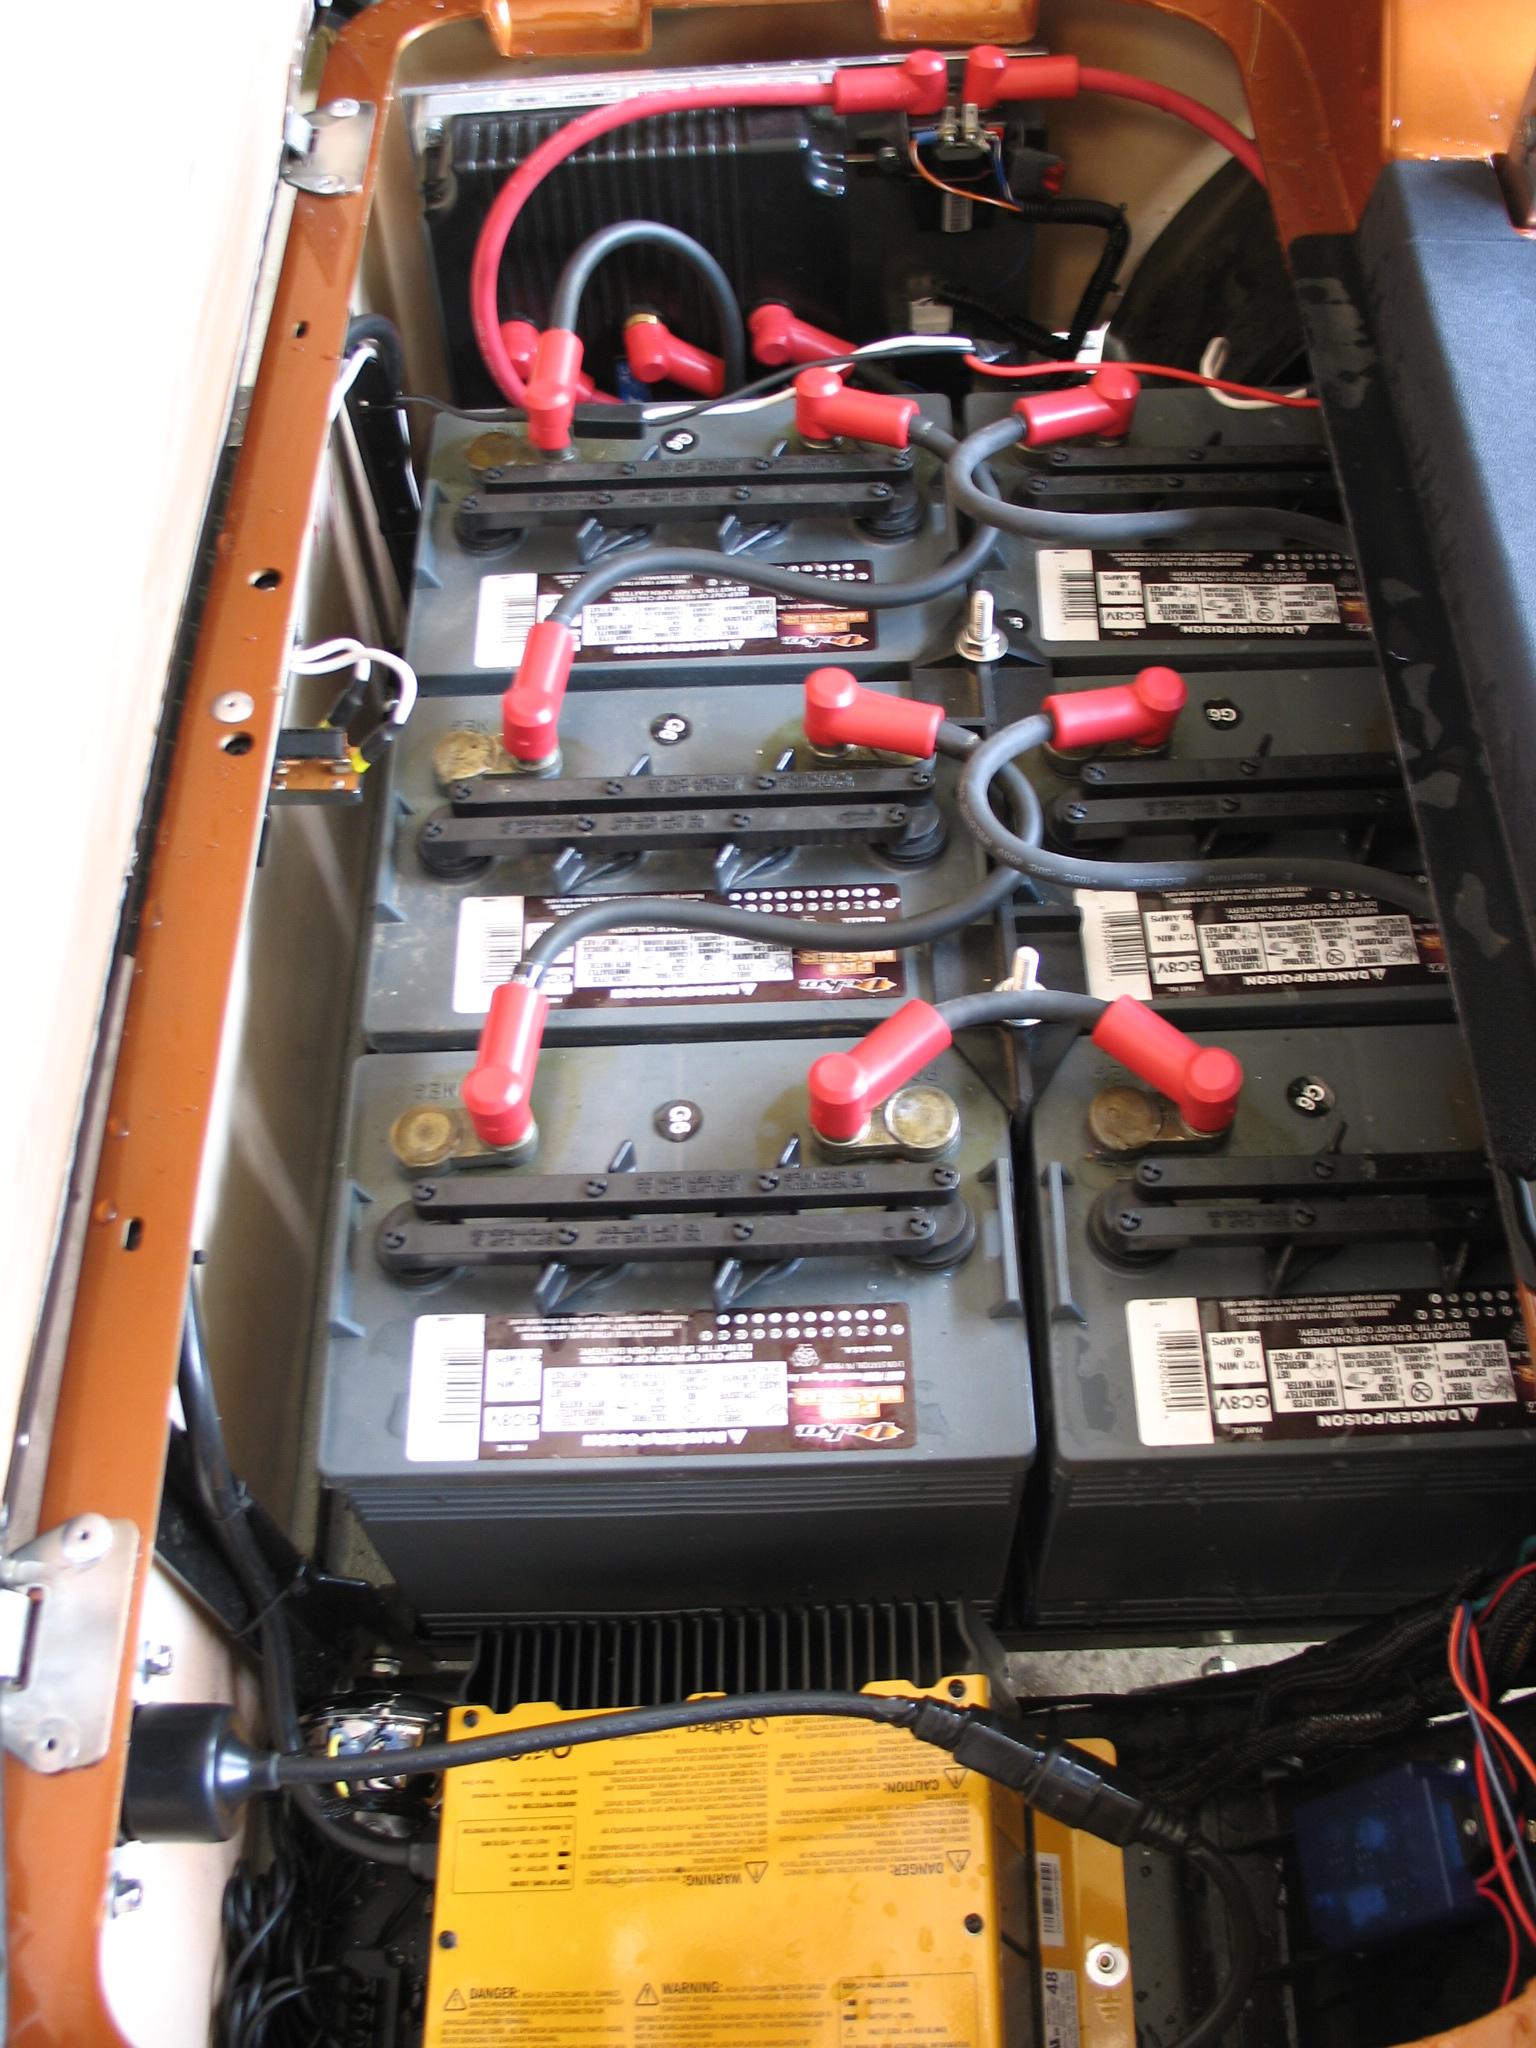 WW_6403] Wiring Diagram Also Solenoid 36 Volt Ez Go Golf Carts Further Ez  Go Wiring Diagram